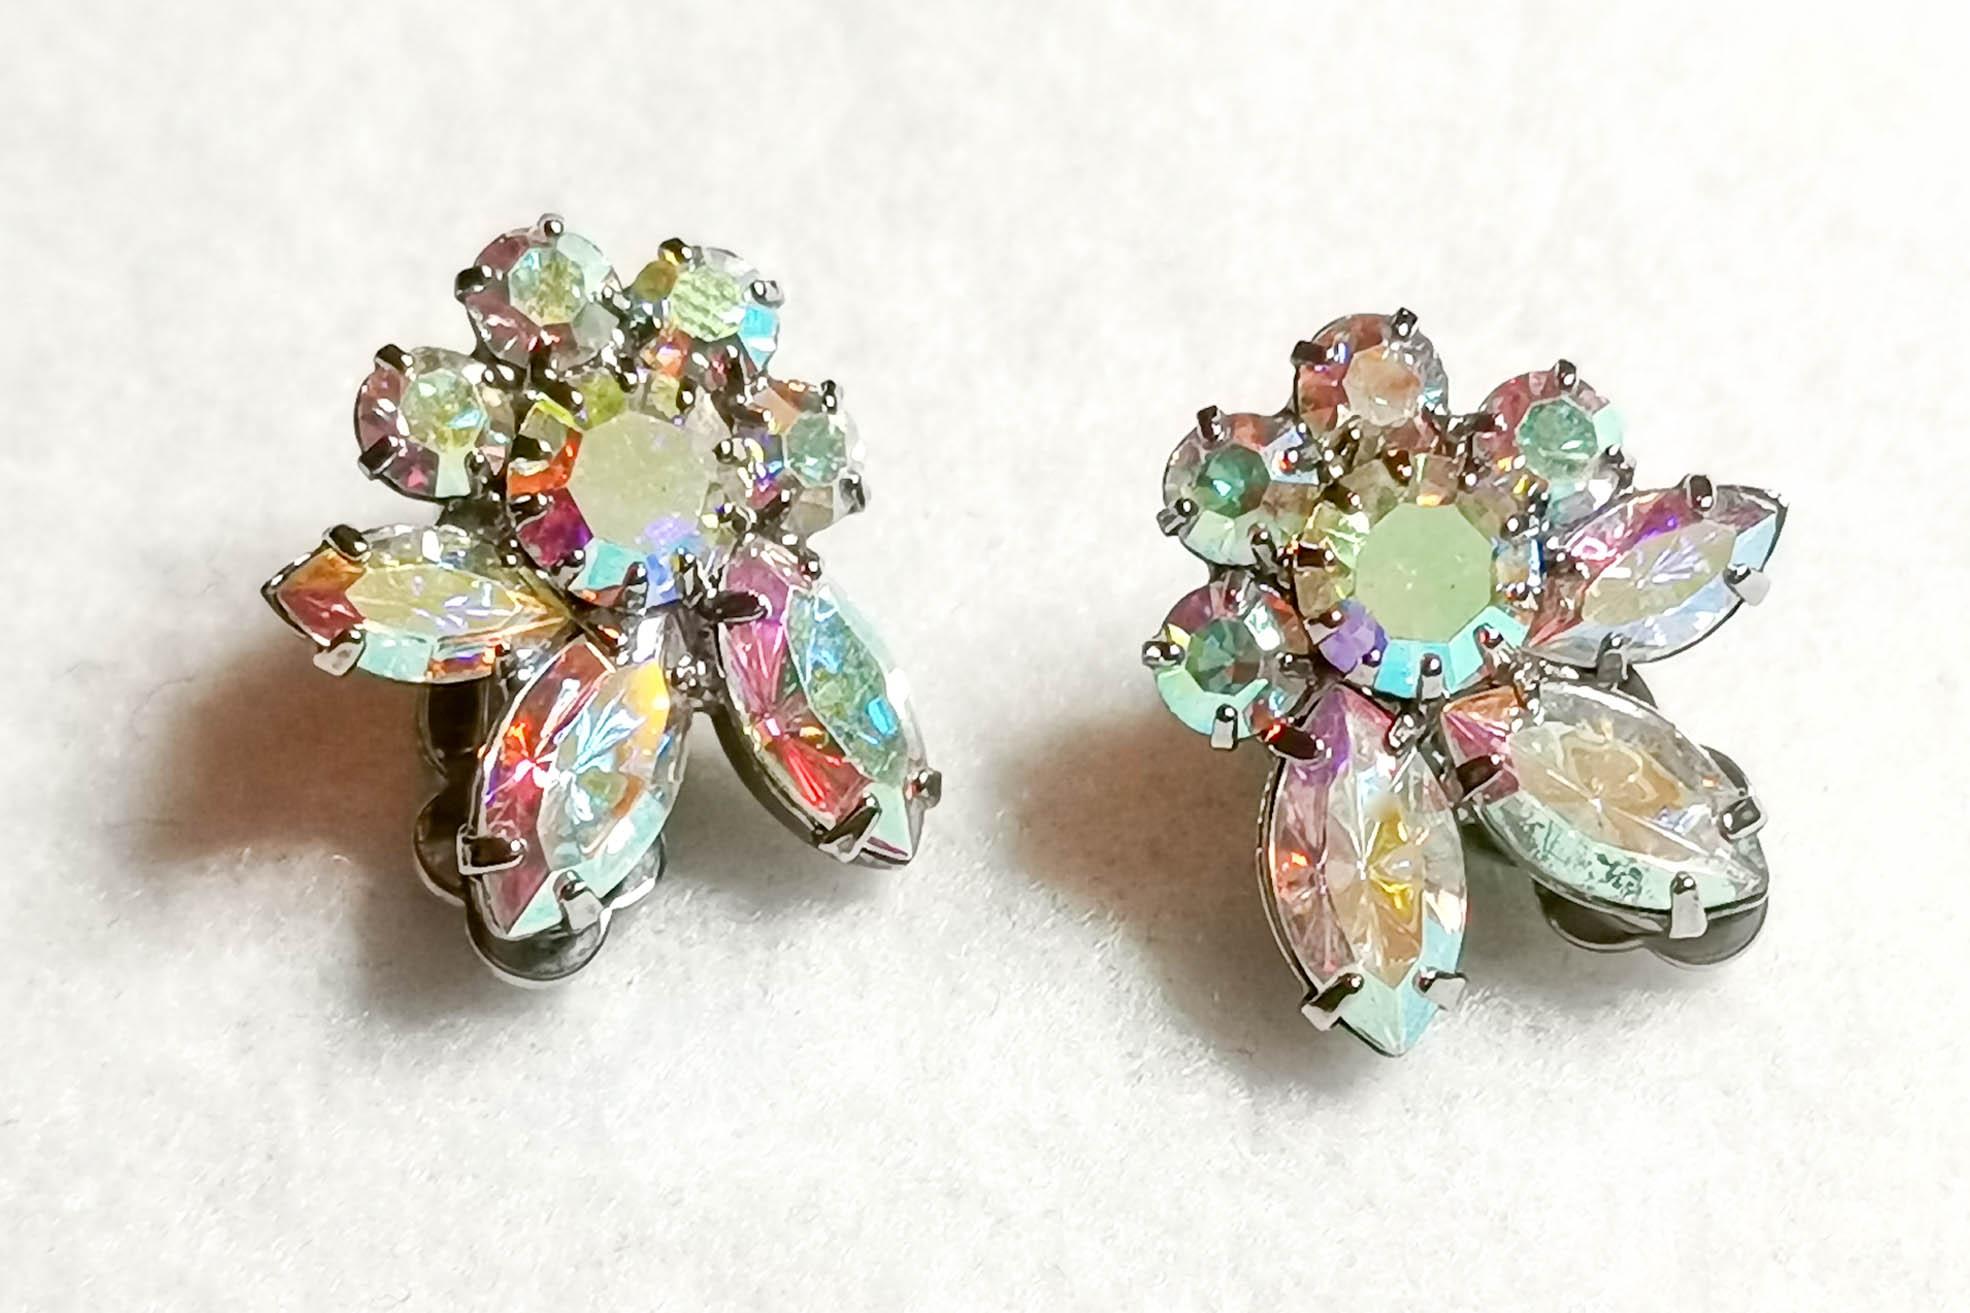 julianna-style-earrings